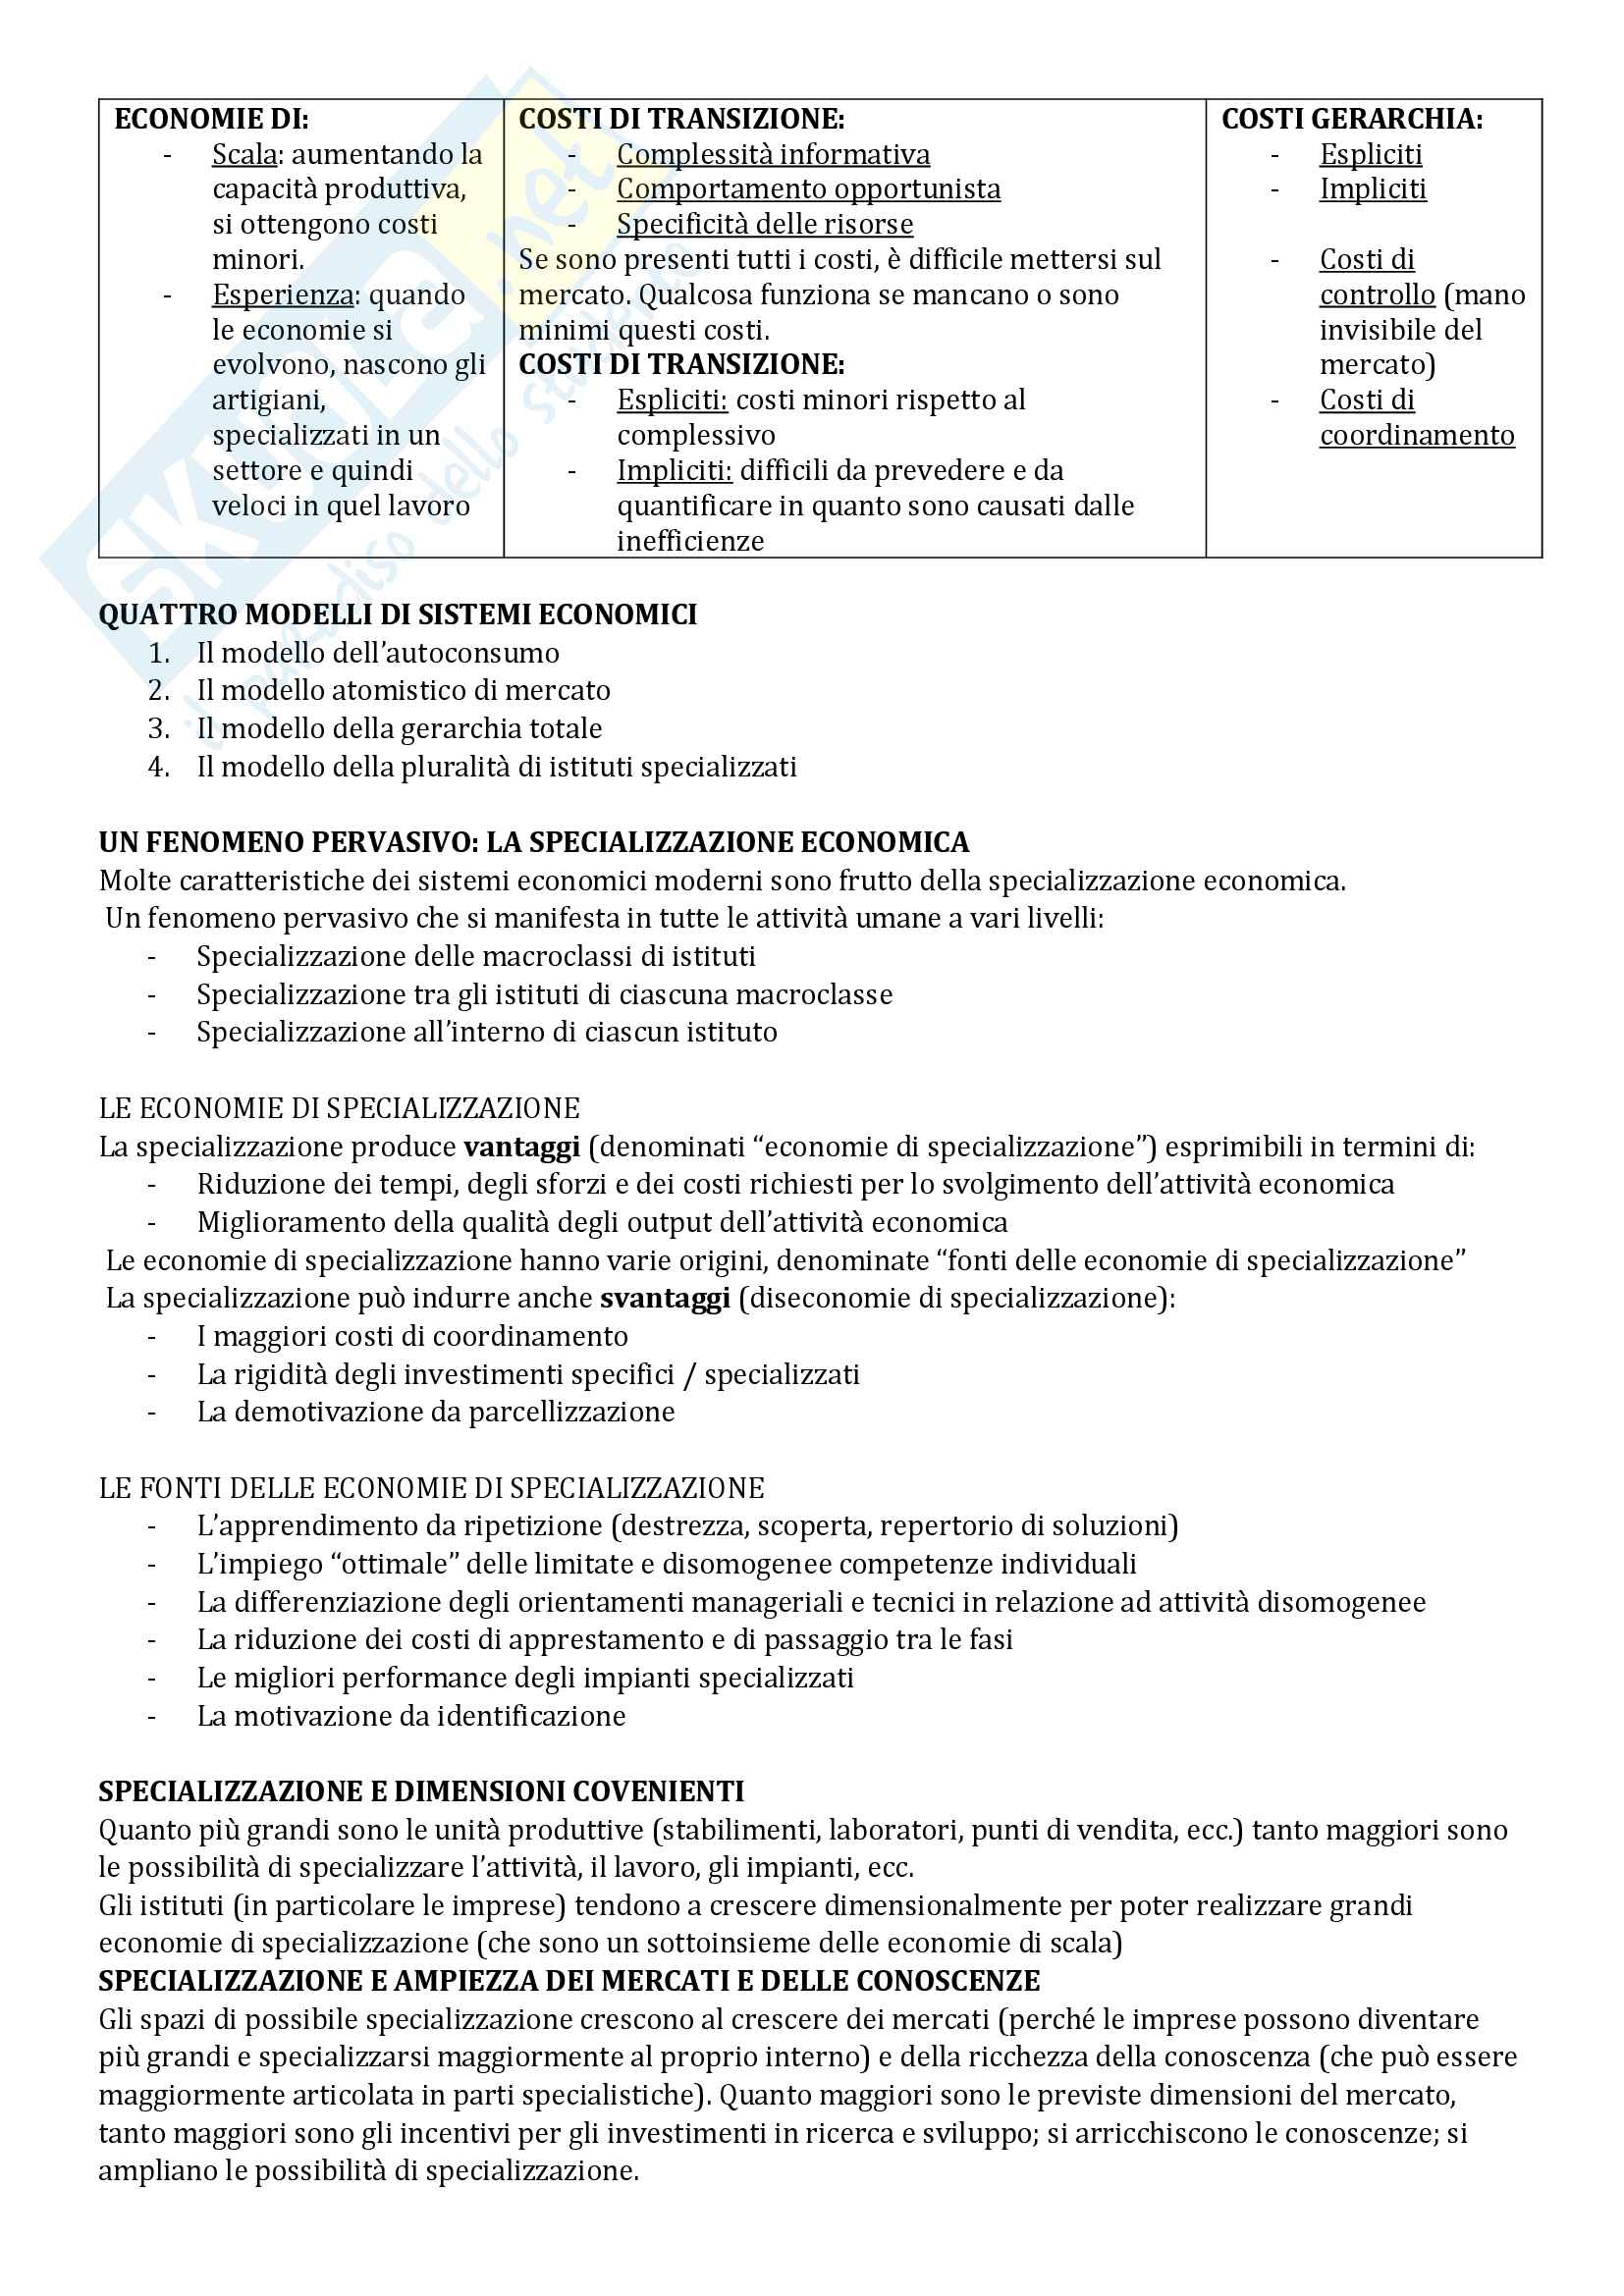 Riassunto esame Economia Aziendale, libro consigliato Corso di Economia Aziendale. ABC: Airoldi, Brunetti e Coda, Il Mulino Pag. 6